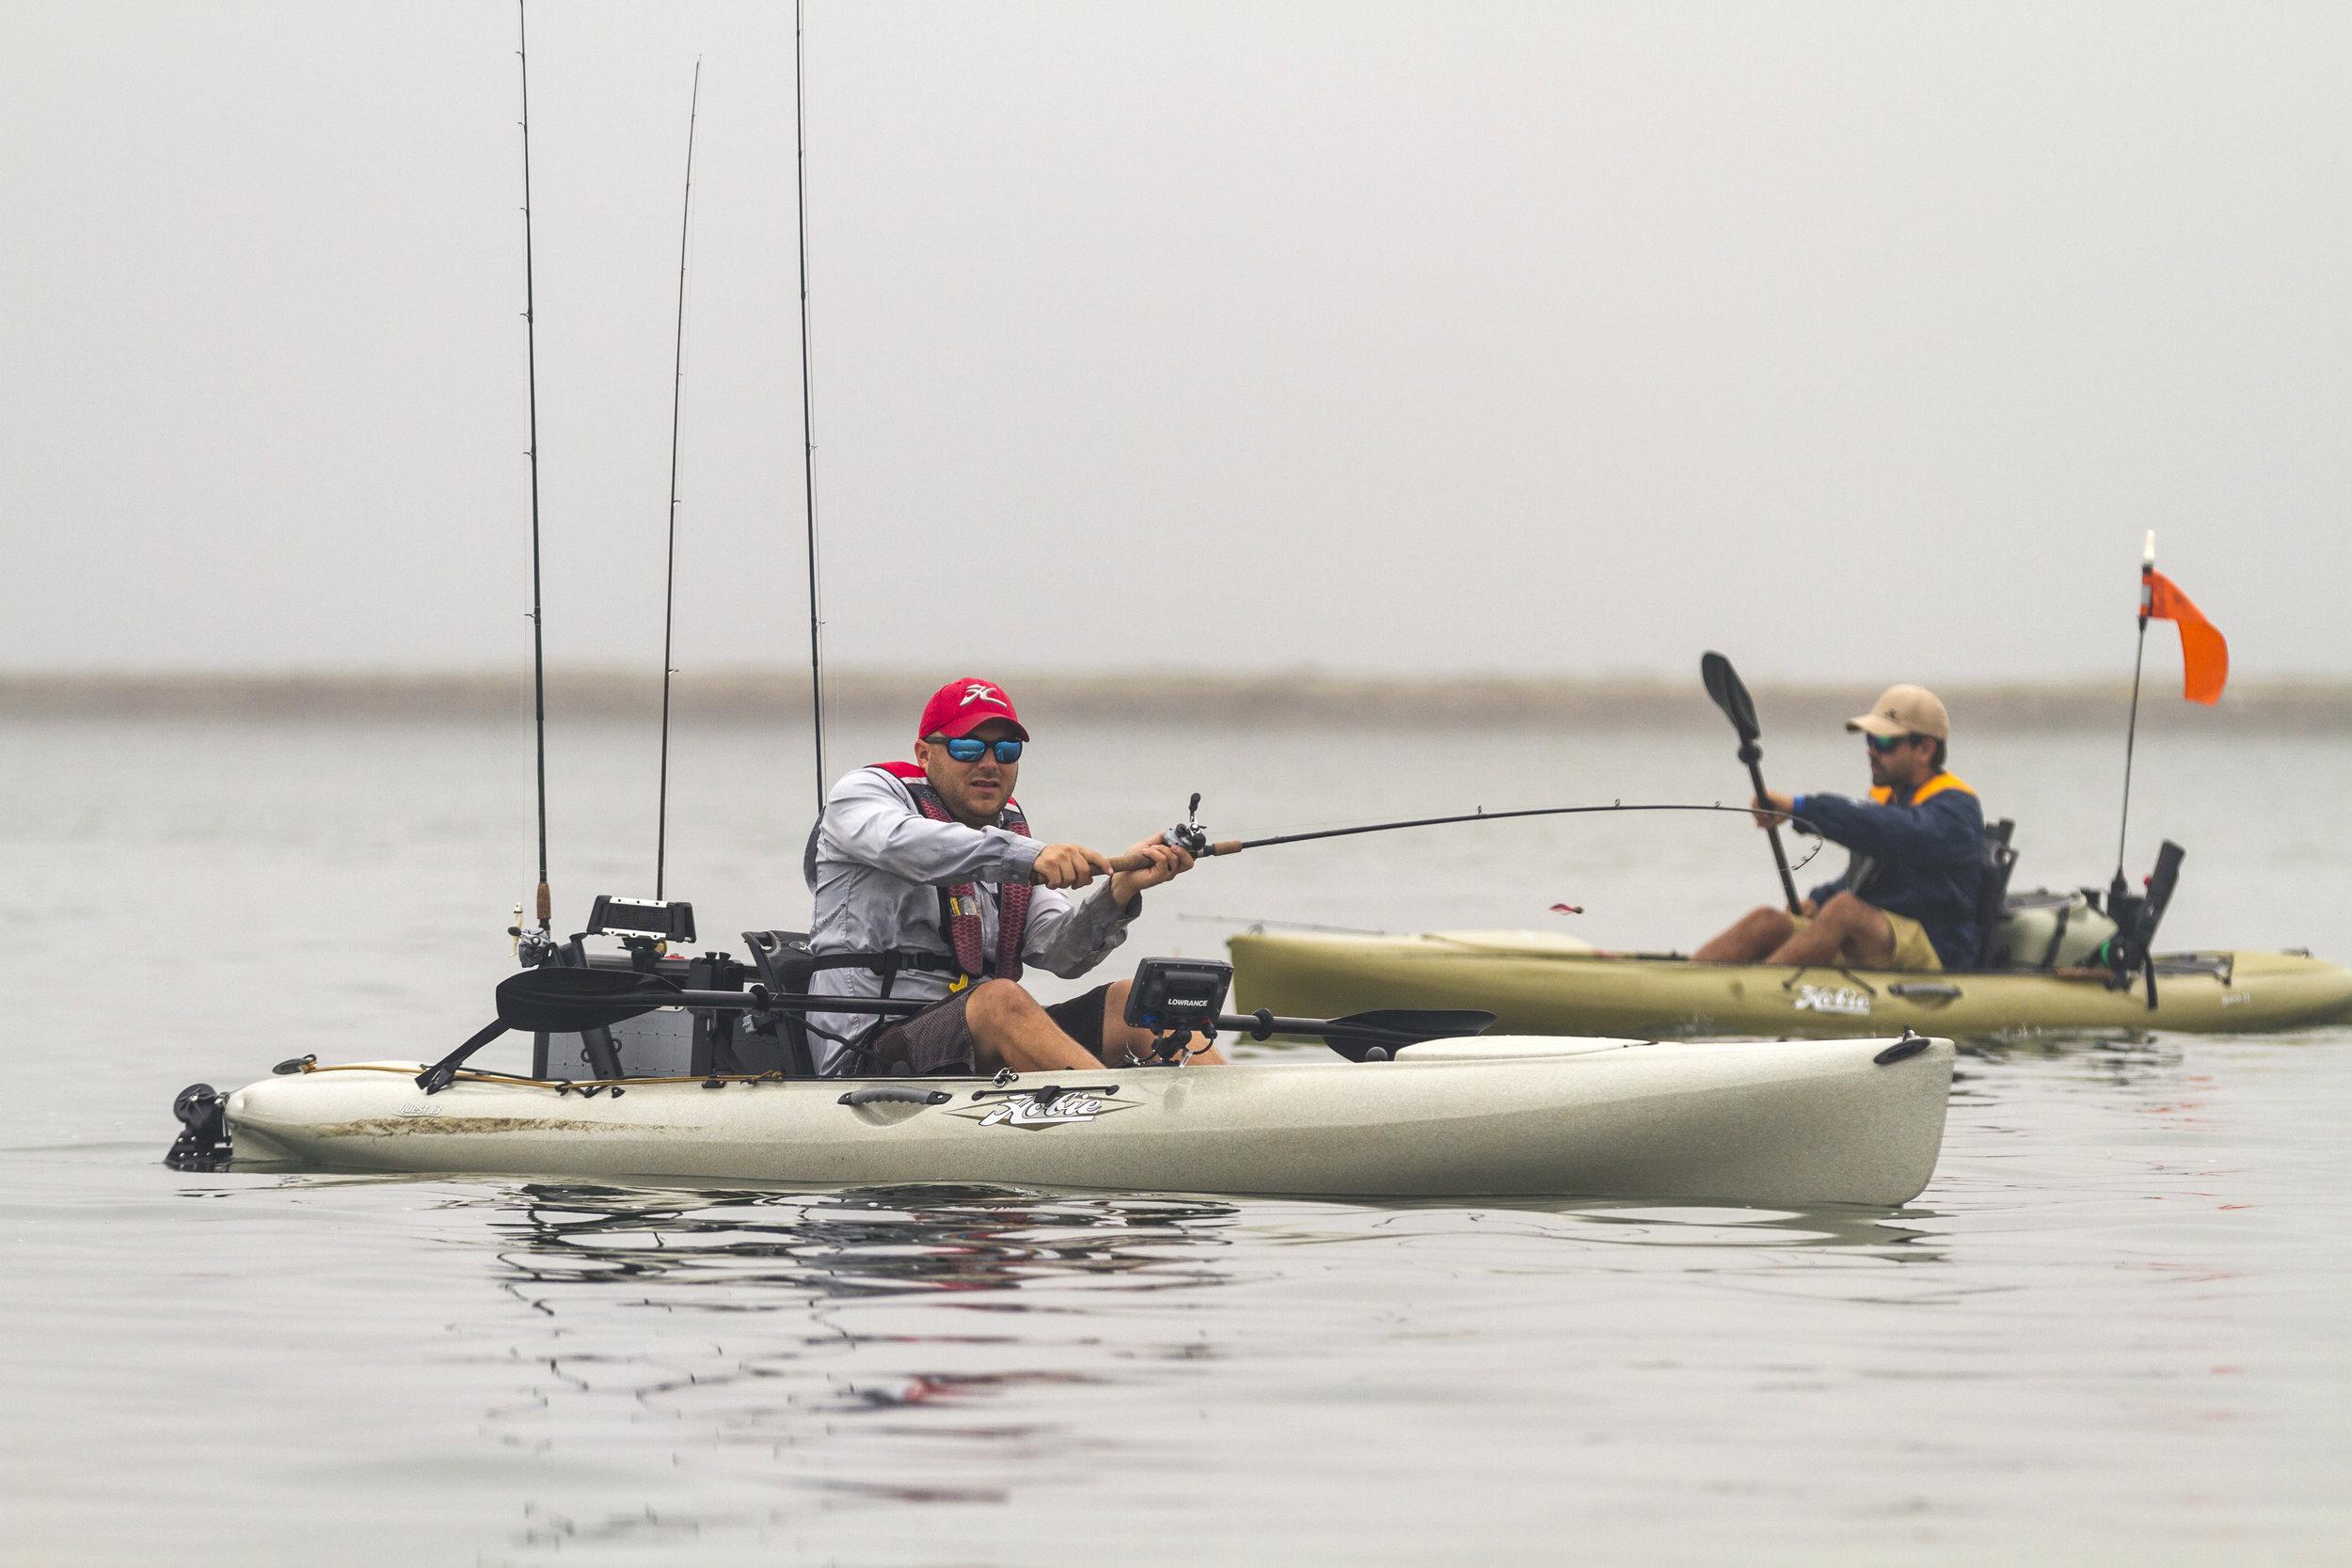 Quest13_fishing_foggy_Shane_dune_casting_9193_full.jpg